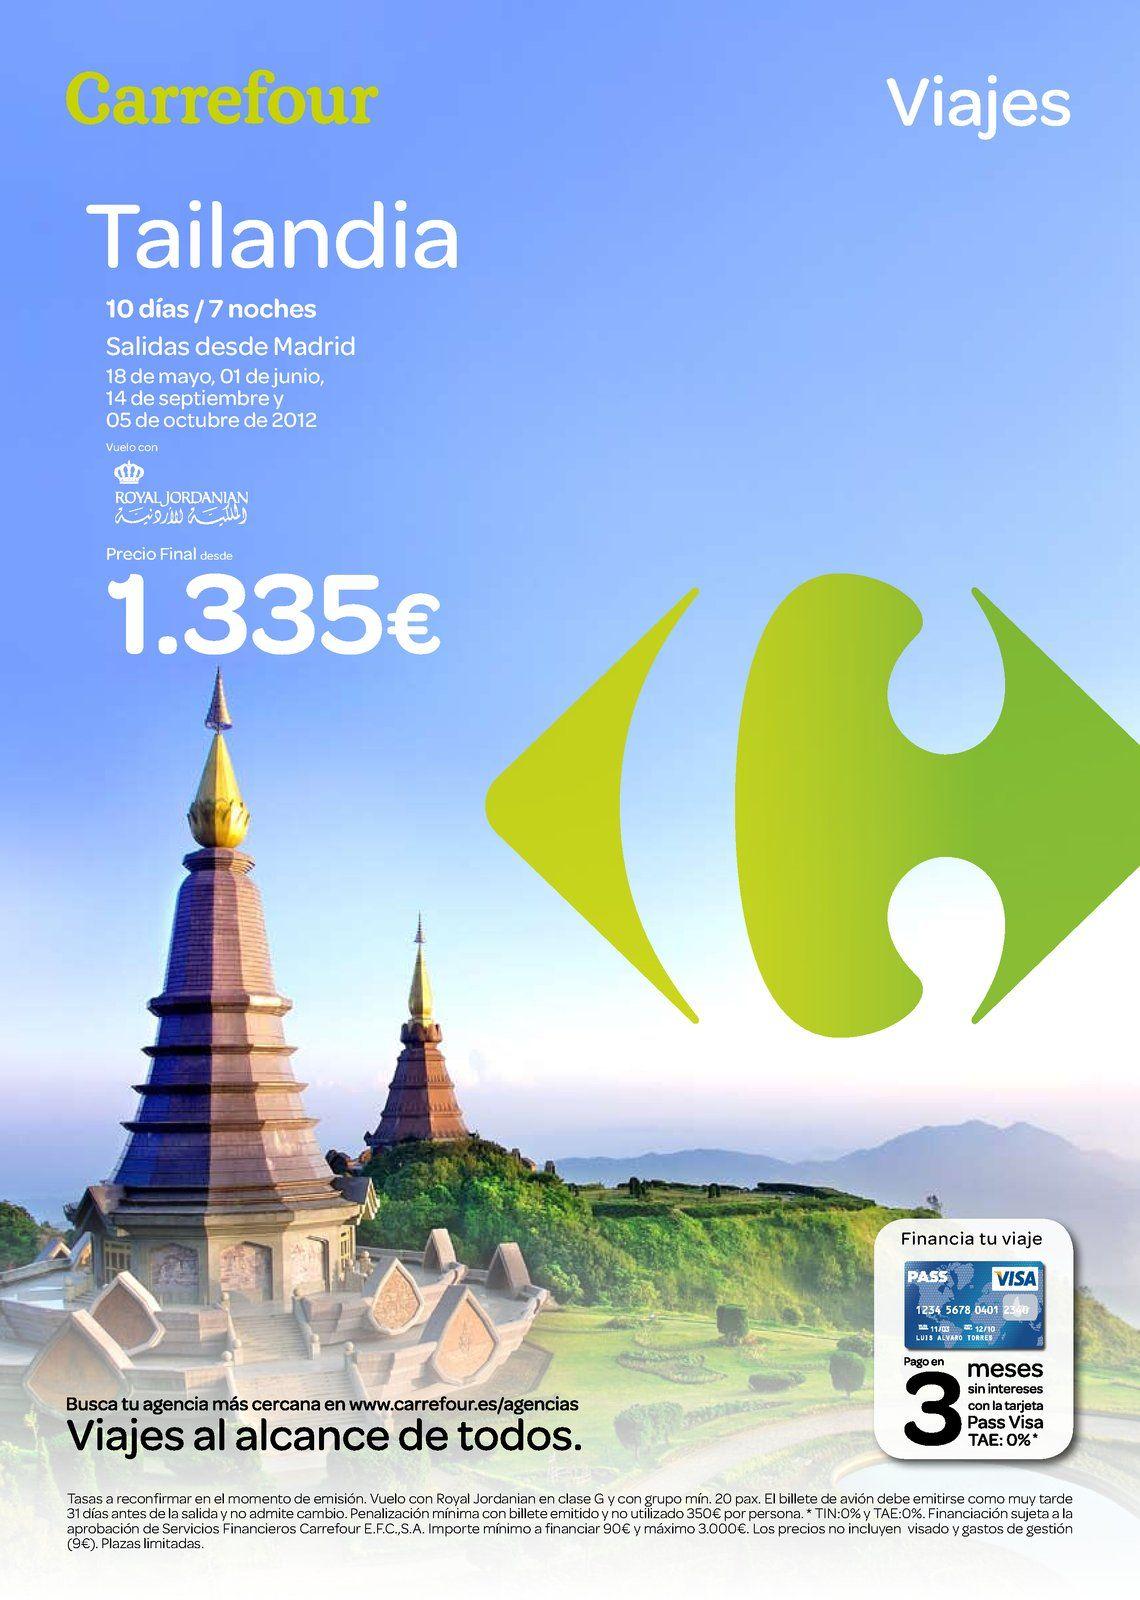 Pin De Alvaro En Publicidad Creativa Viajes Tiendas Tailandia